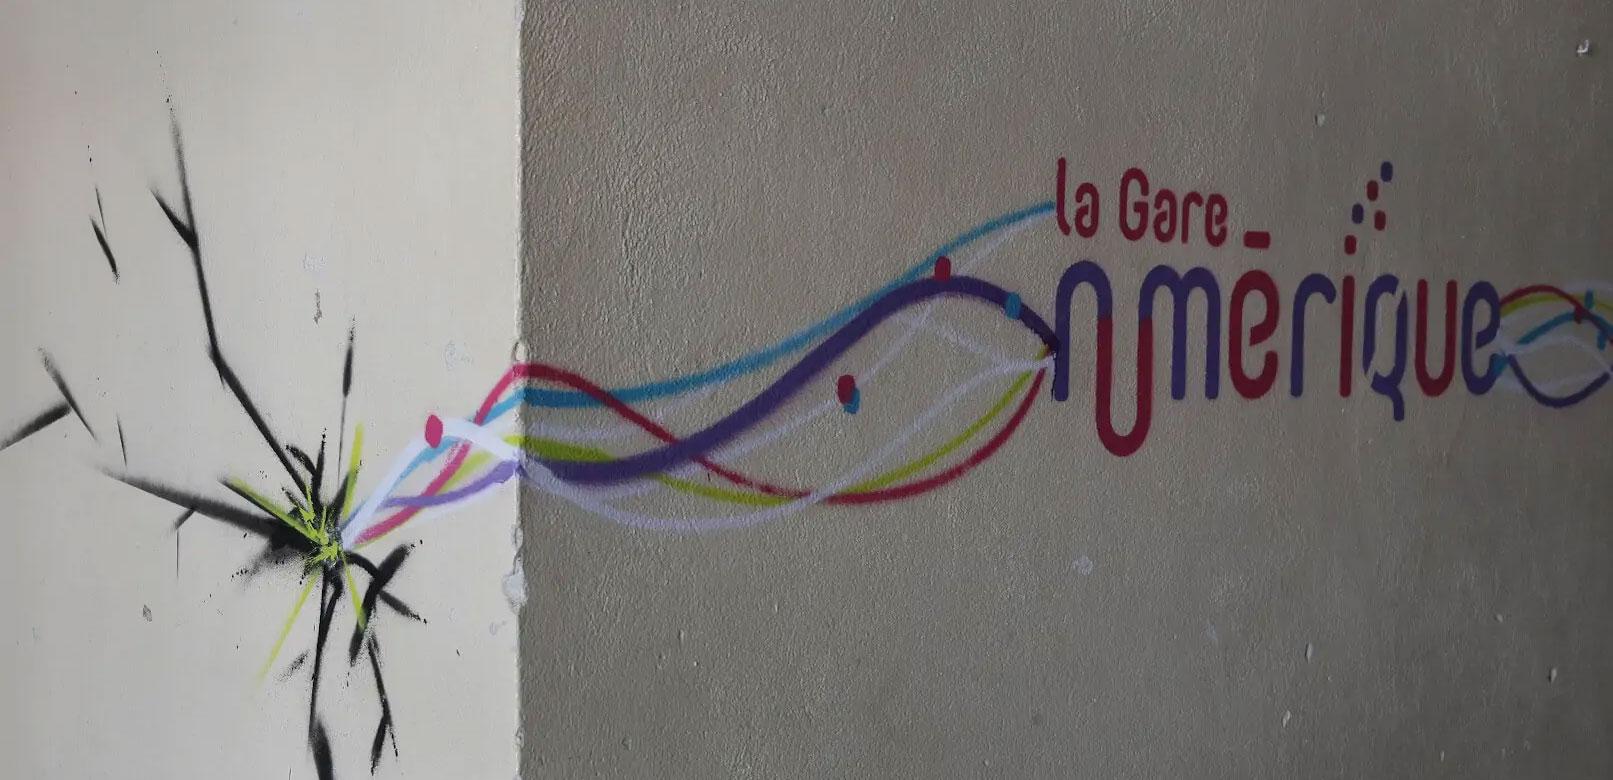 The Gare Numérique